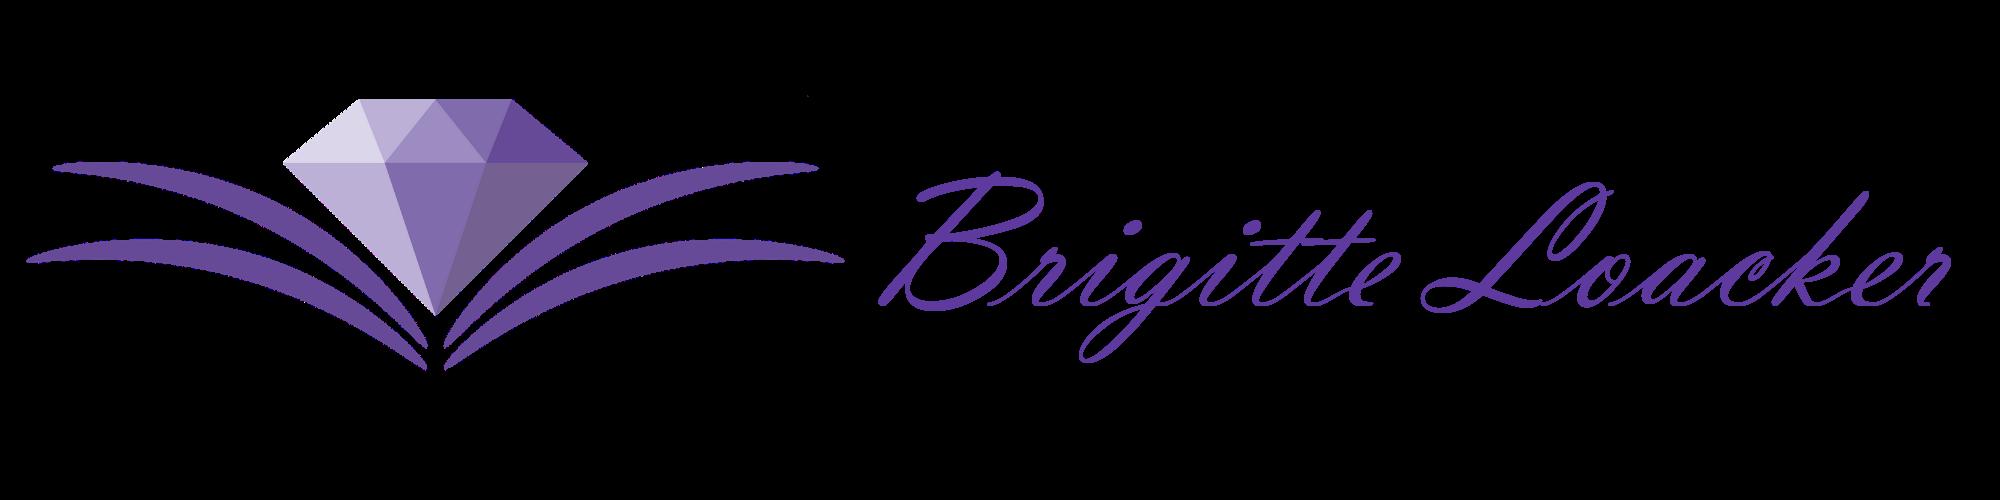 Brigitte Loacker